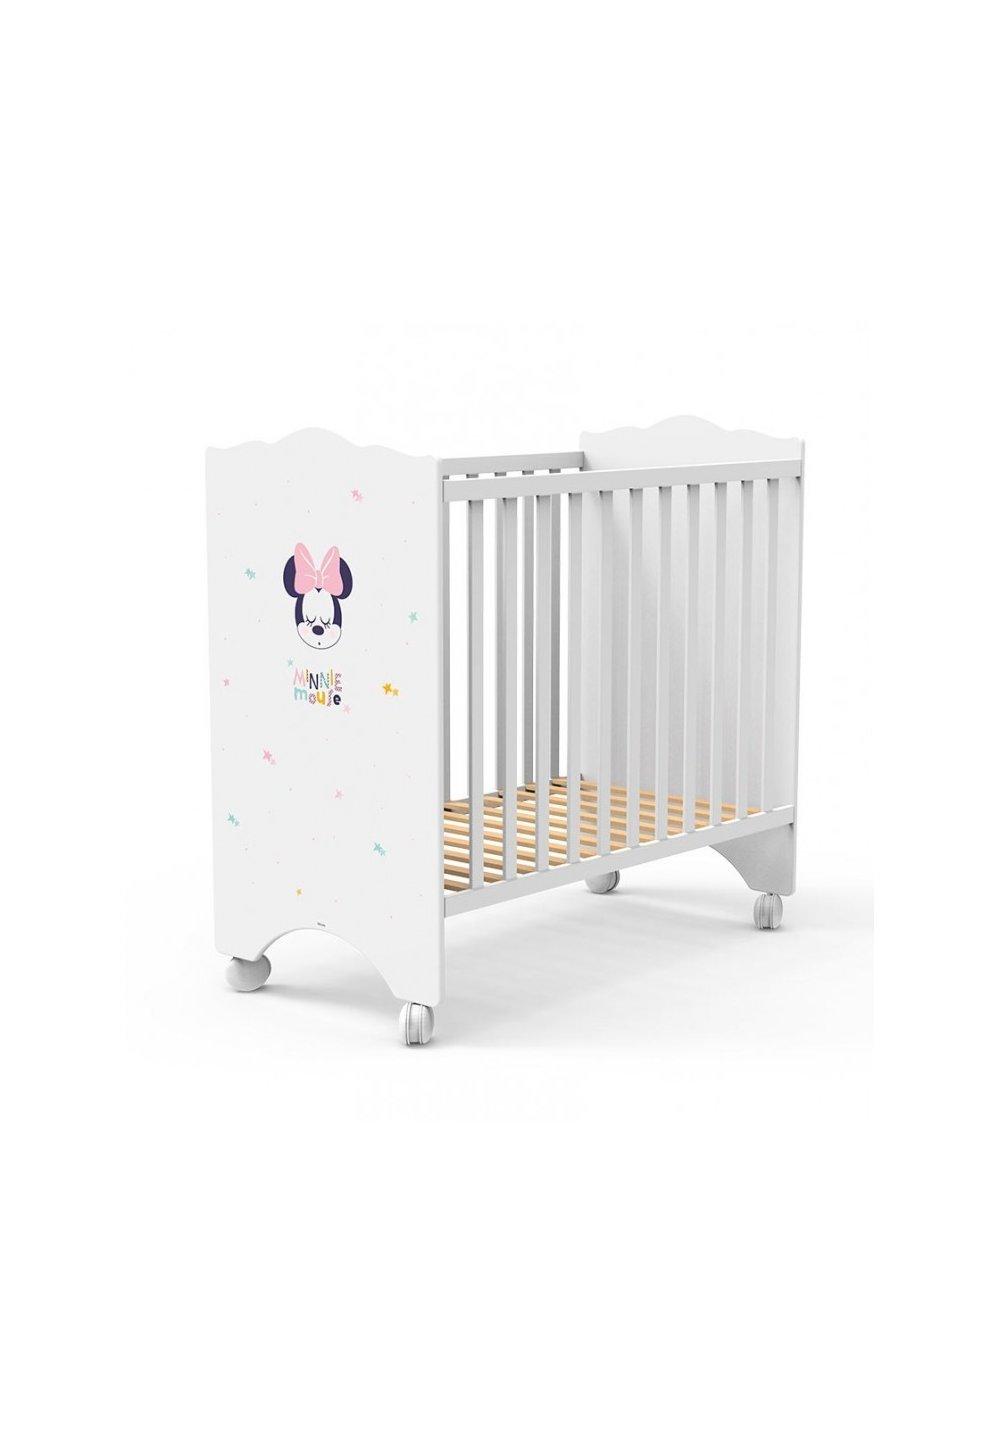 Patut bebe, lemn, Minnie Mouse, alb, 120x60cm imagine